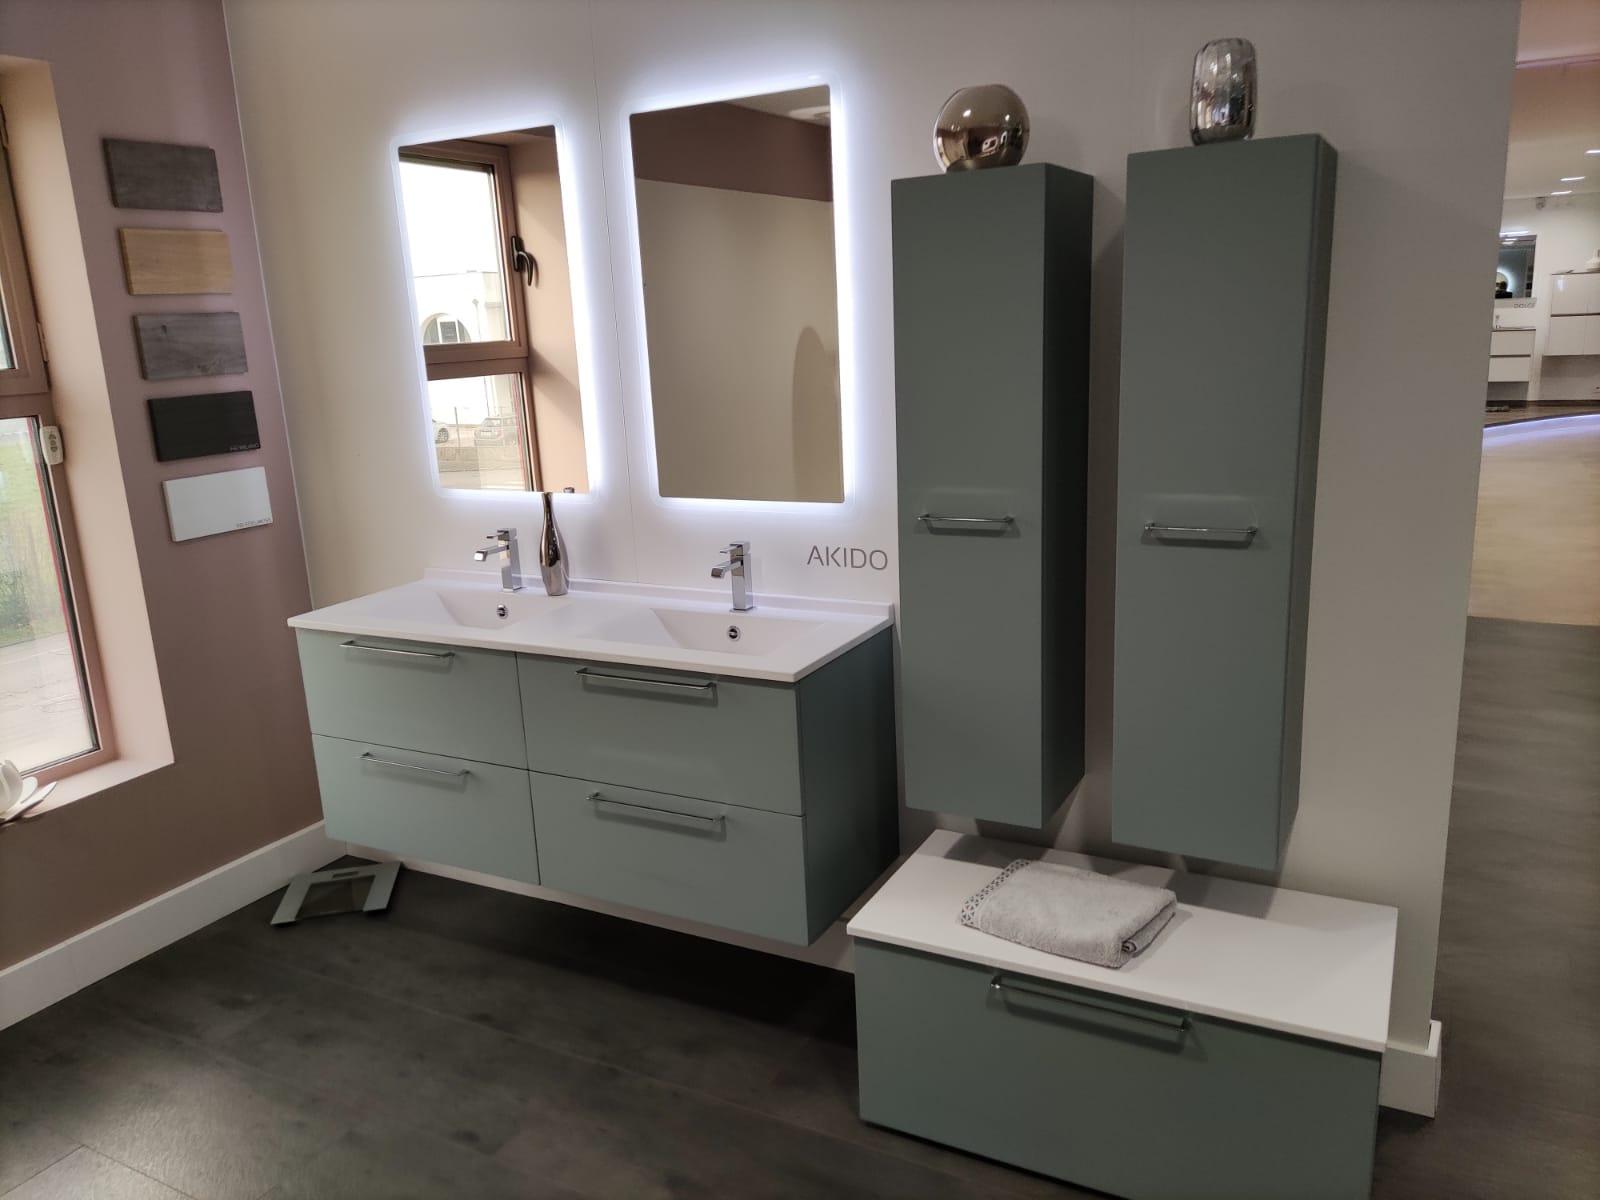 plombier chauffagiste a Arles-chaudiere a gaz Alpilles-chaudiere Frisquet-plomberie generale Camargue-renovation de plomberie-chauffage au gaz